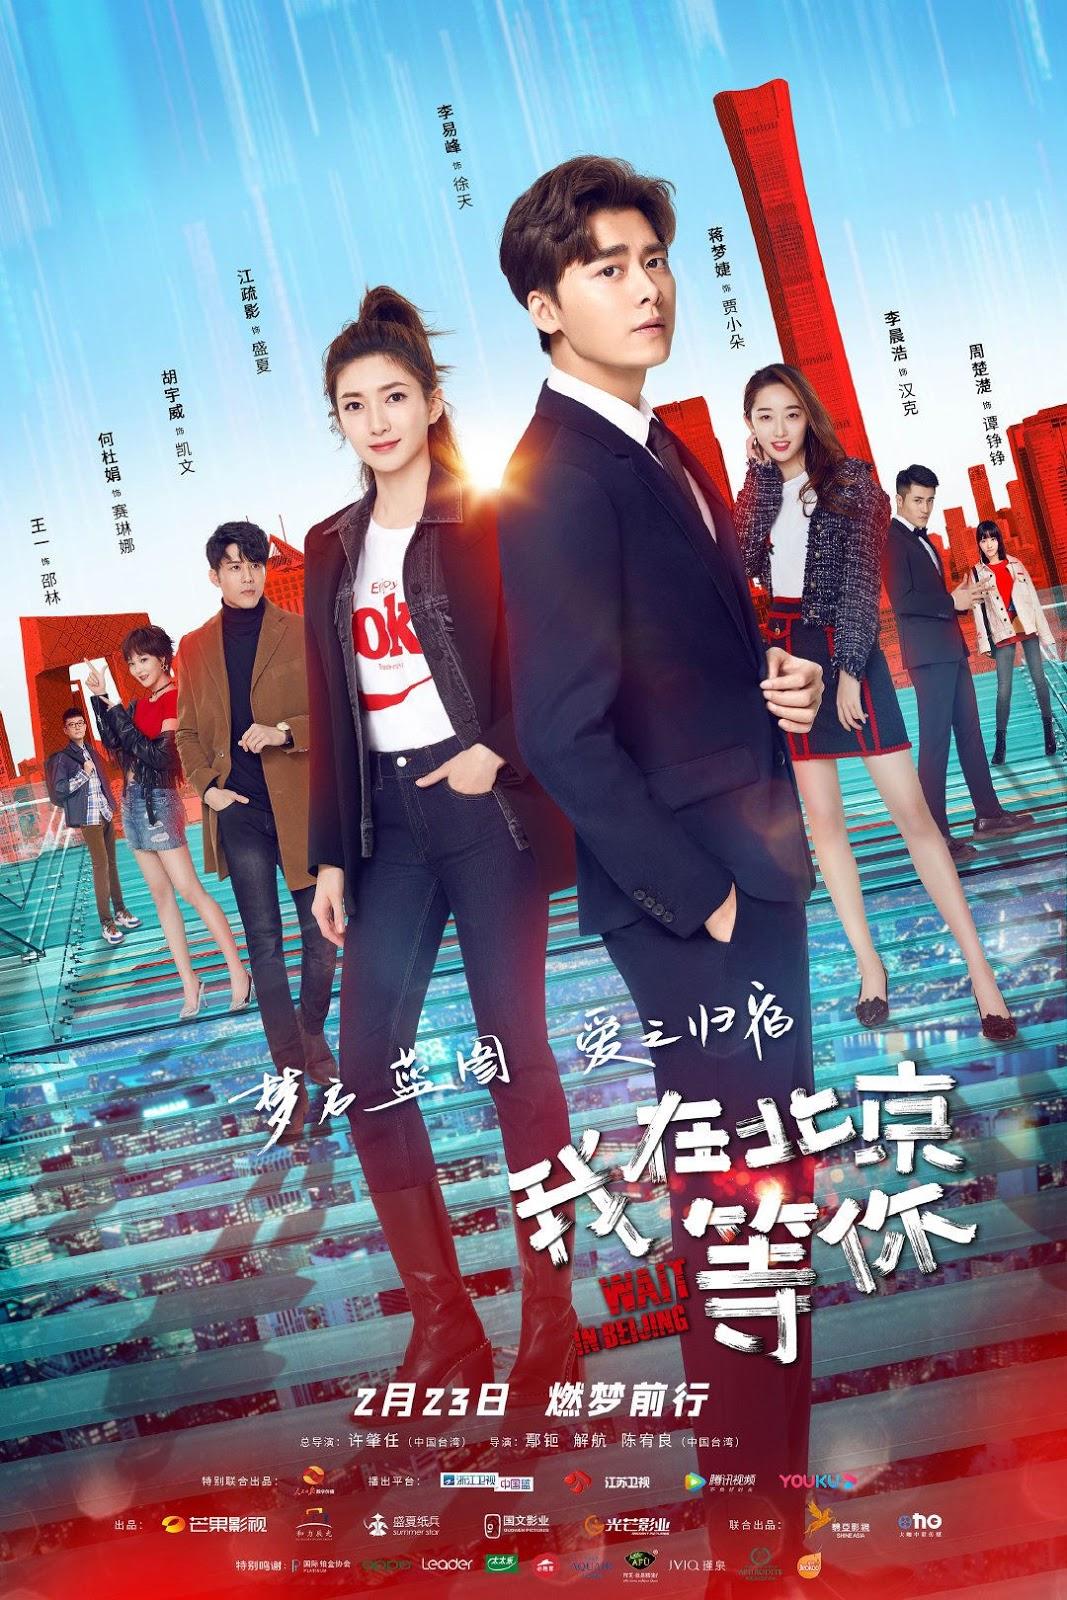 Xem Phim Anh Ở Bắc Kinh Đợi Em